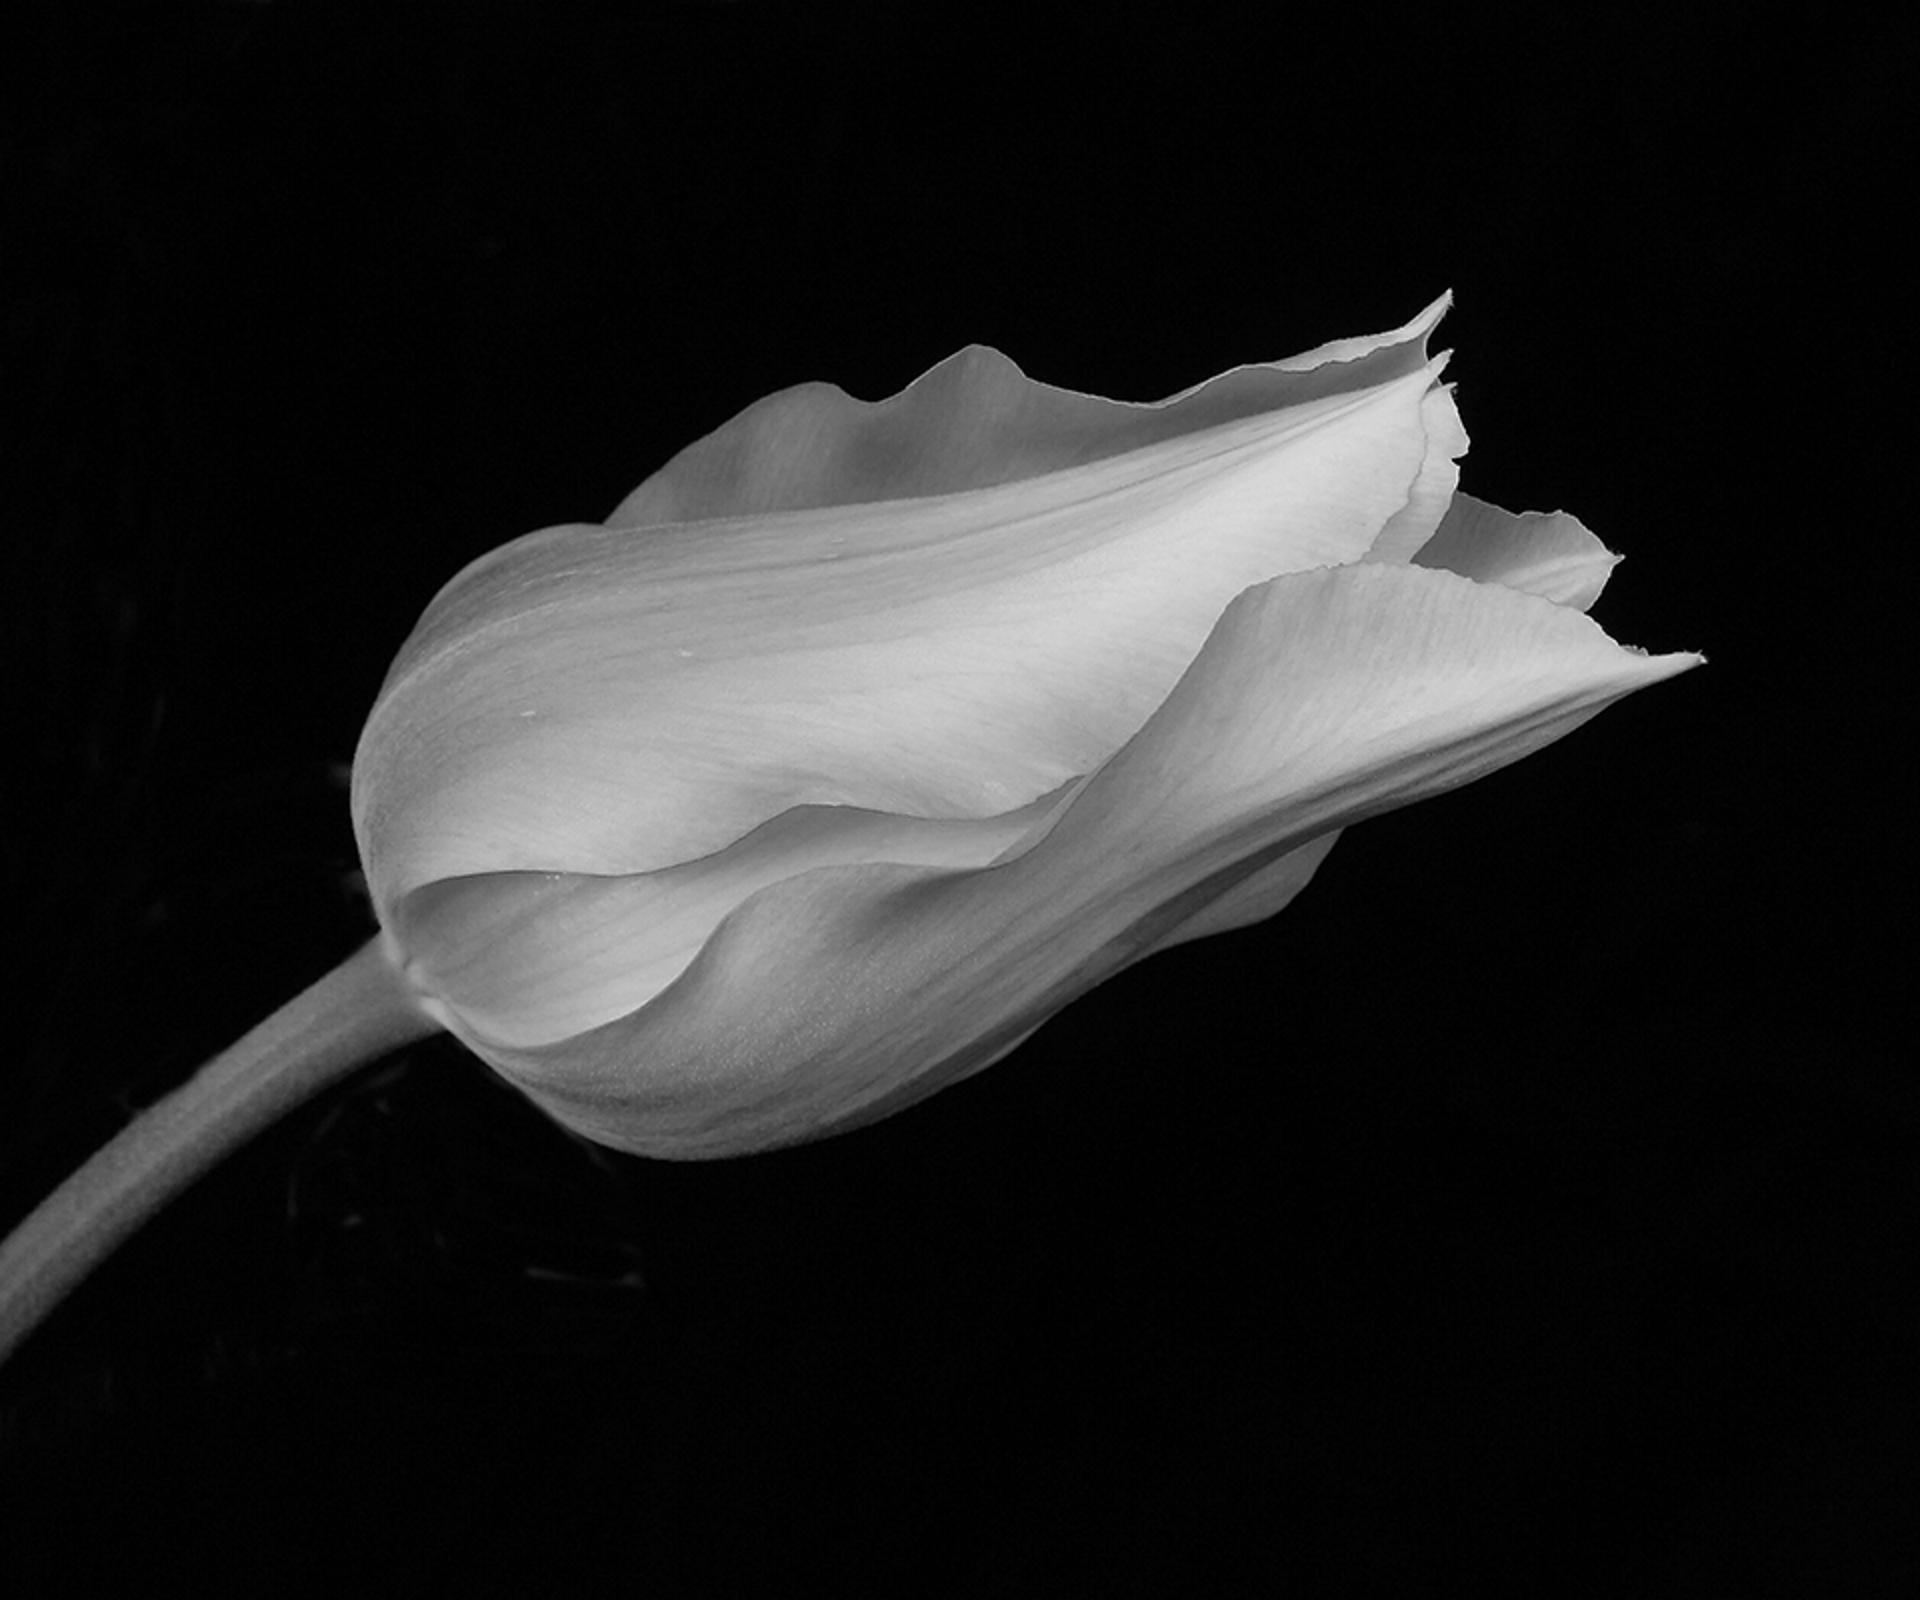 Tulip by Jan Christensen